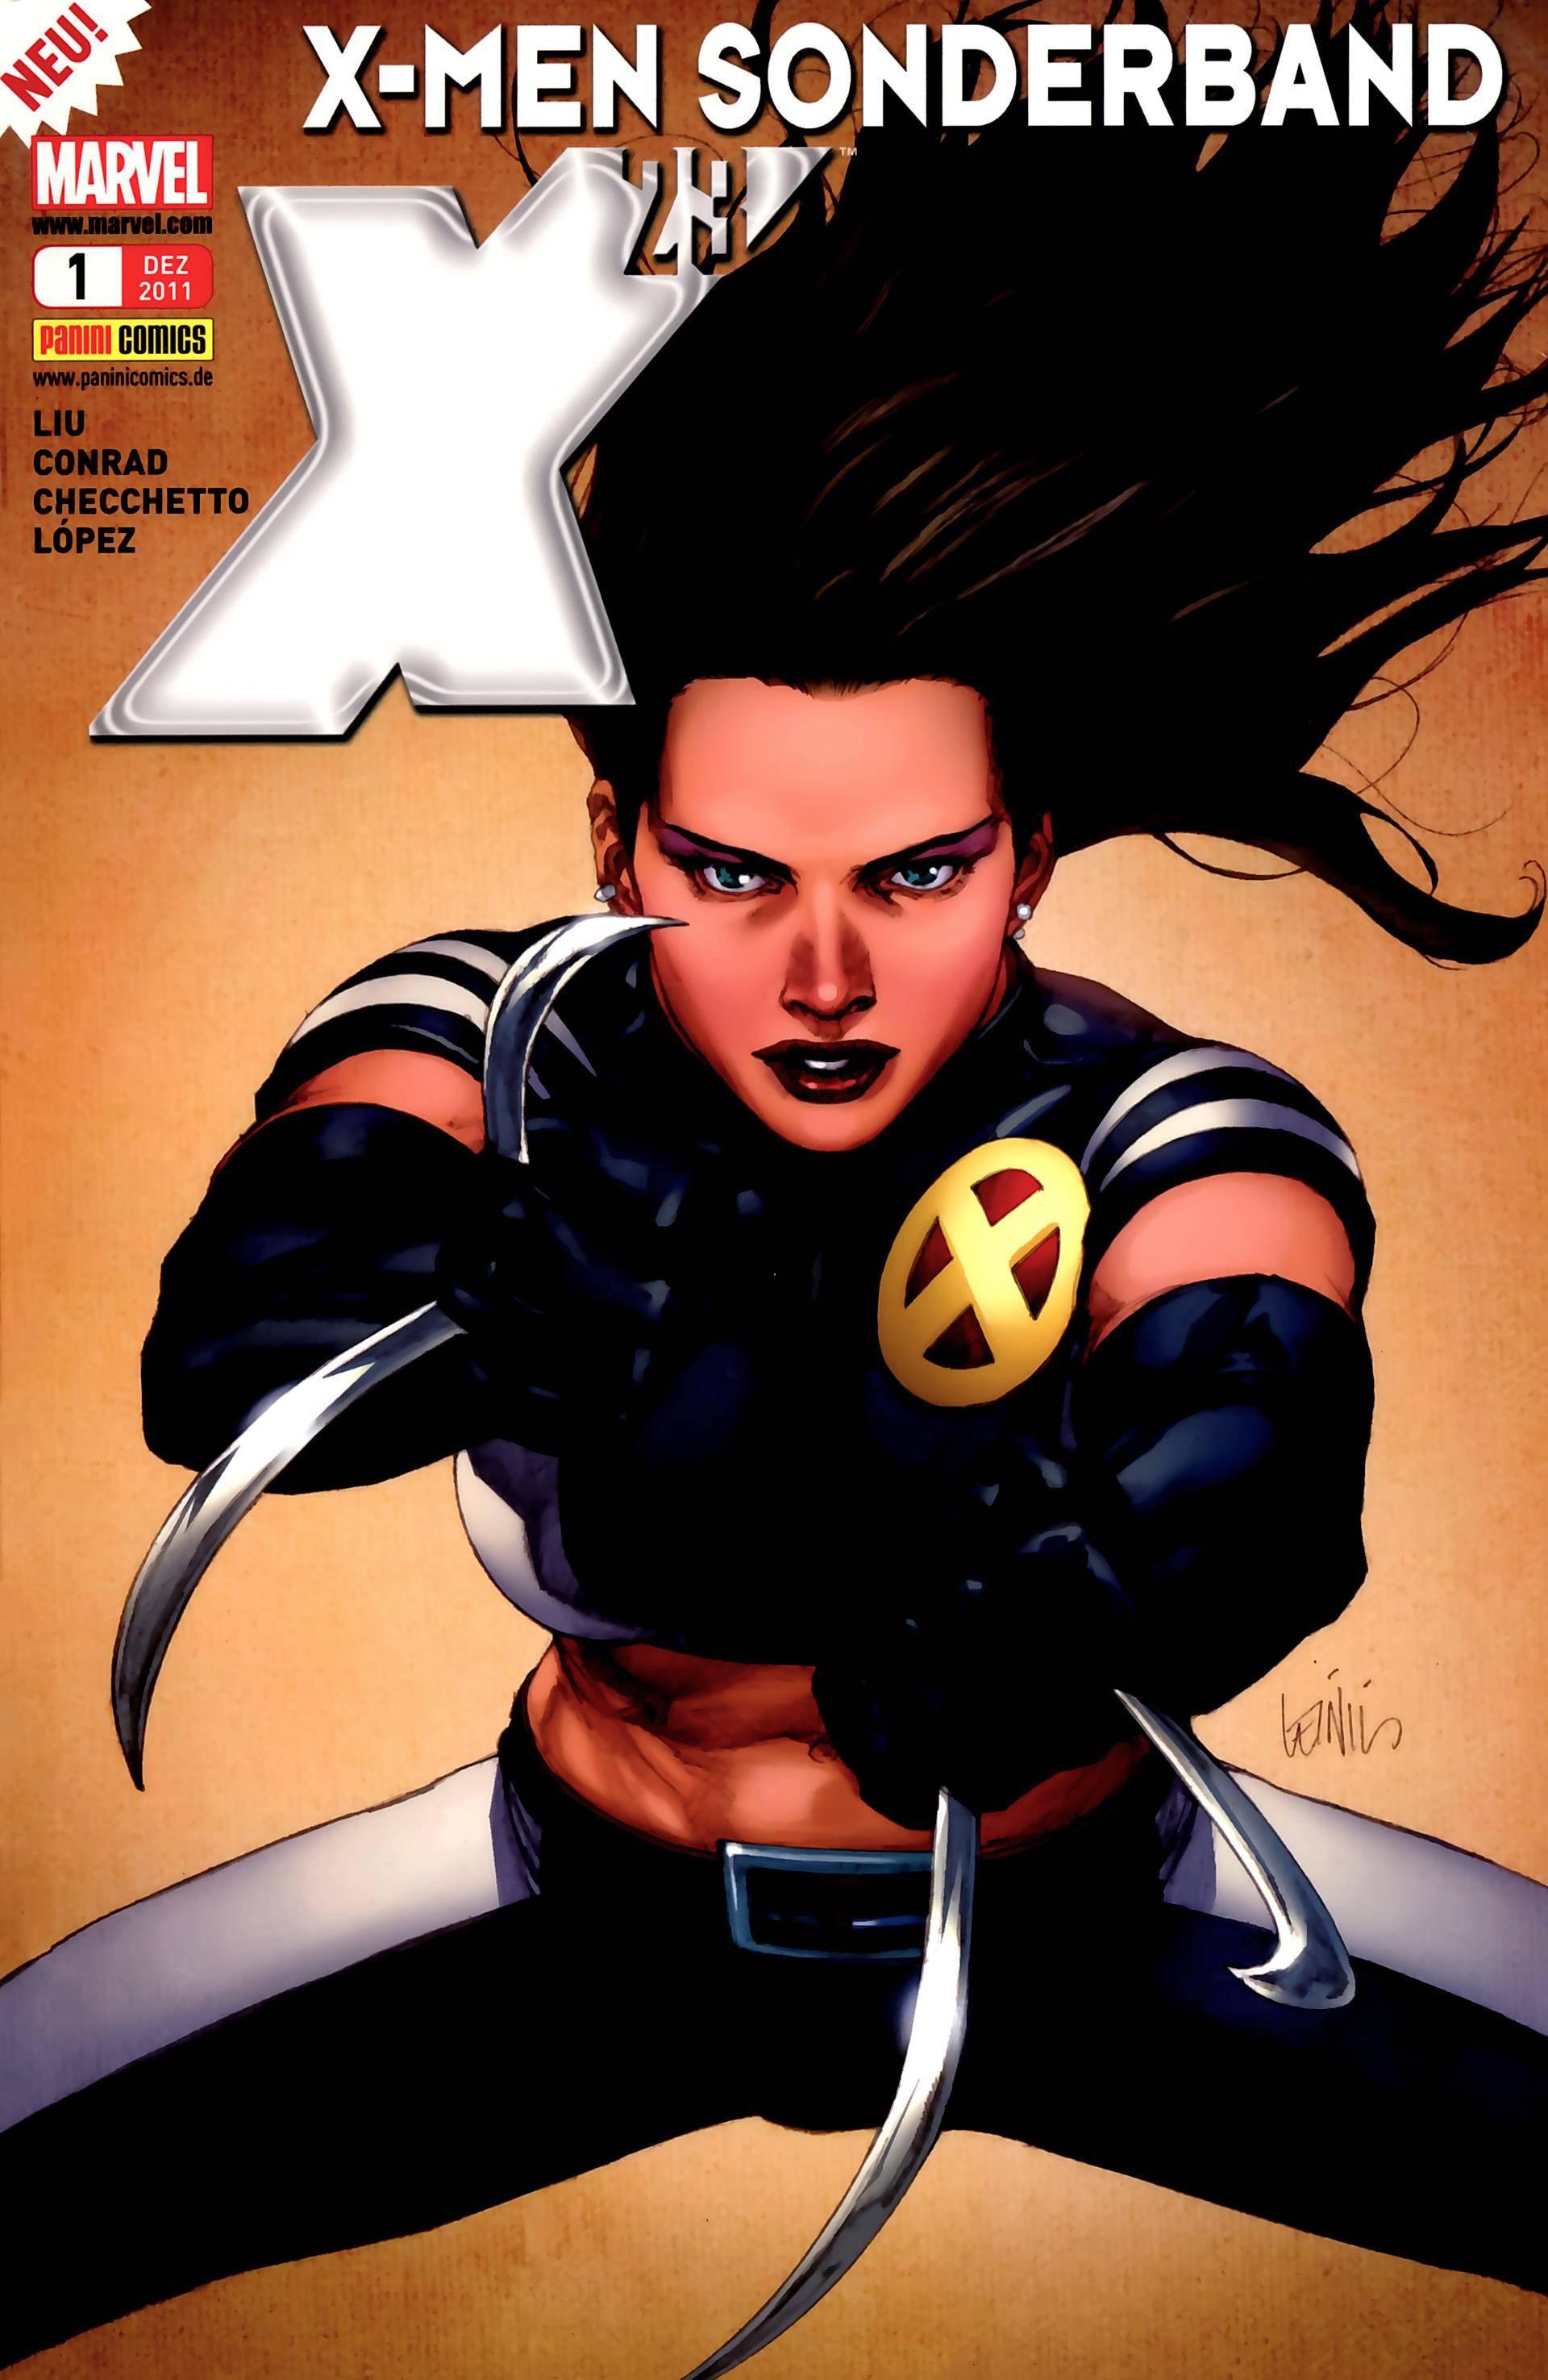 X-Men Sonderband - X23 01 - Der to_dliche Traum (Panini) (22.11.2011) (c2c) (GDCP)